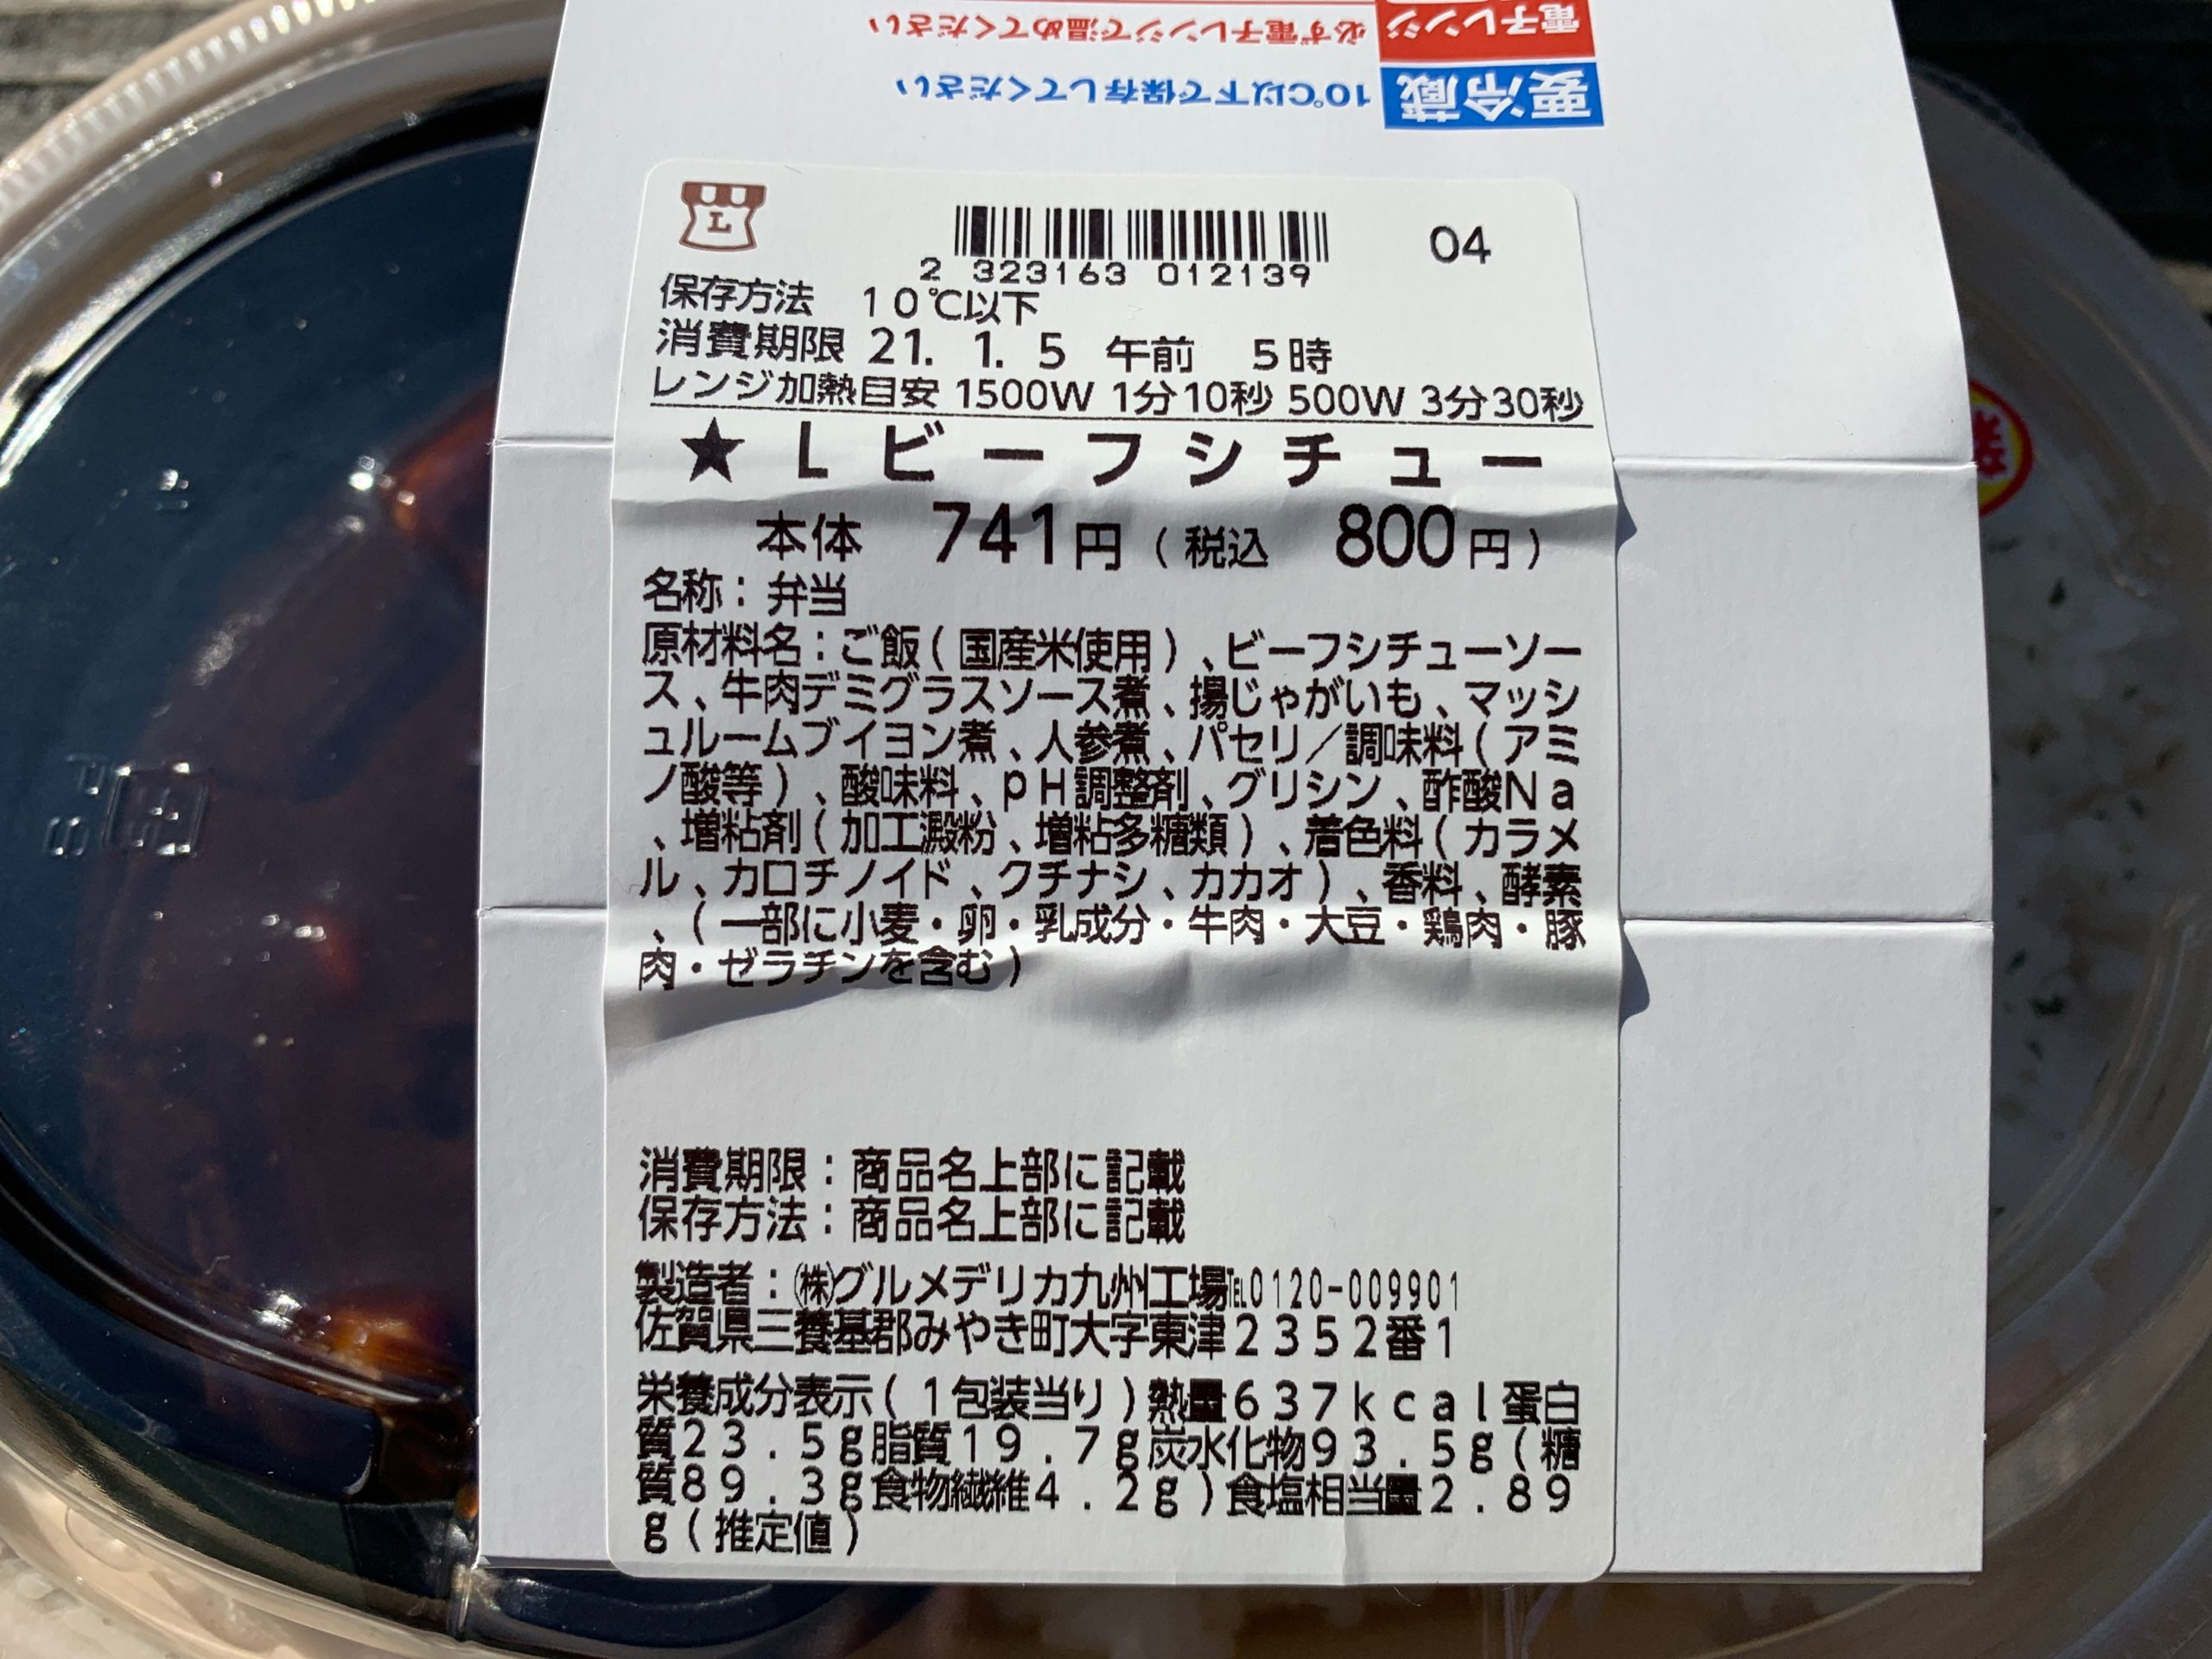 浅草ヨシカミ監修ビーフシチューのお弁当の原材料と栄養成分